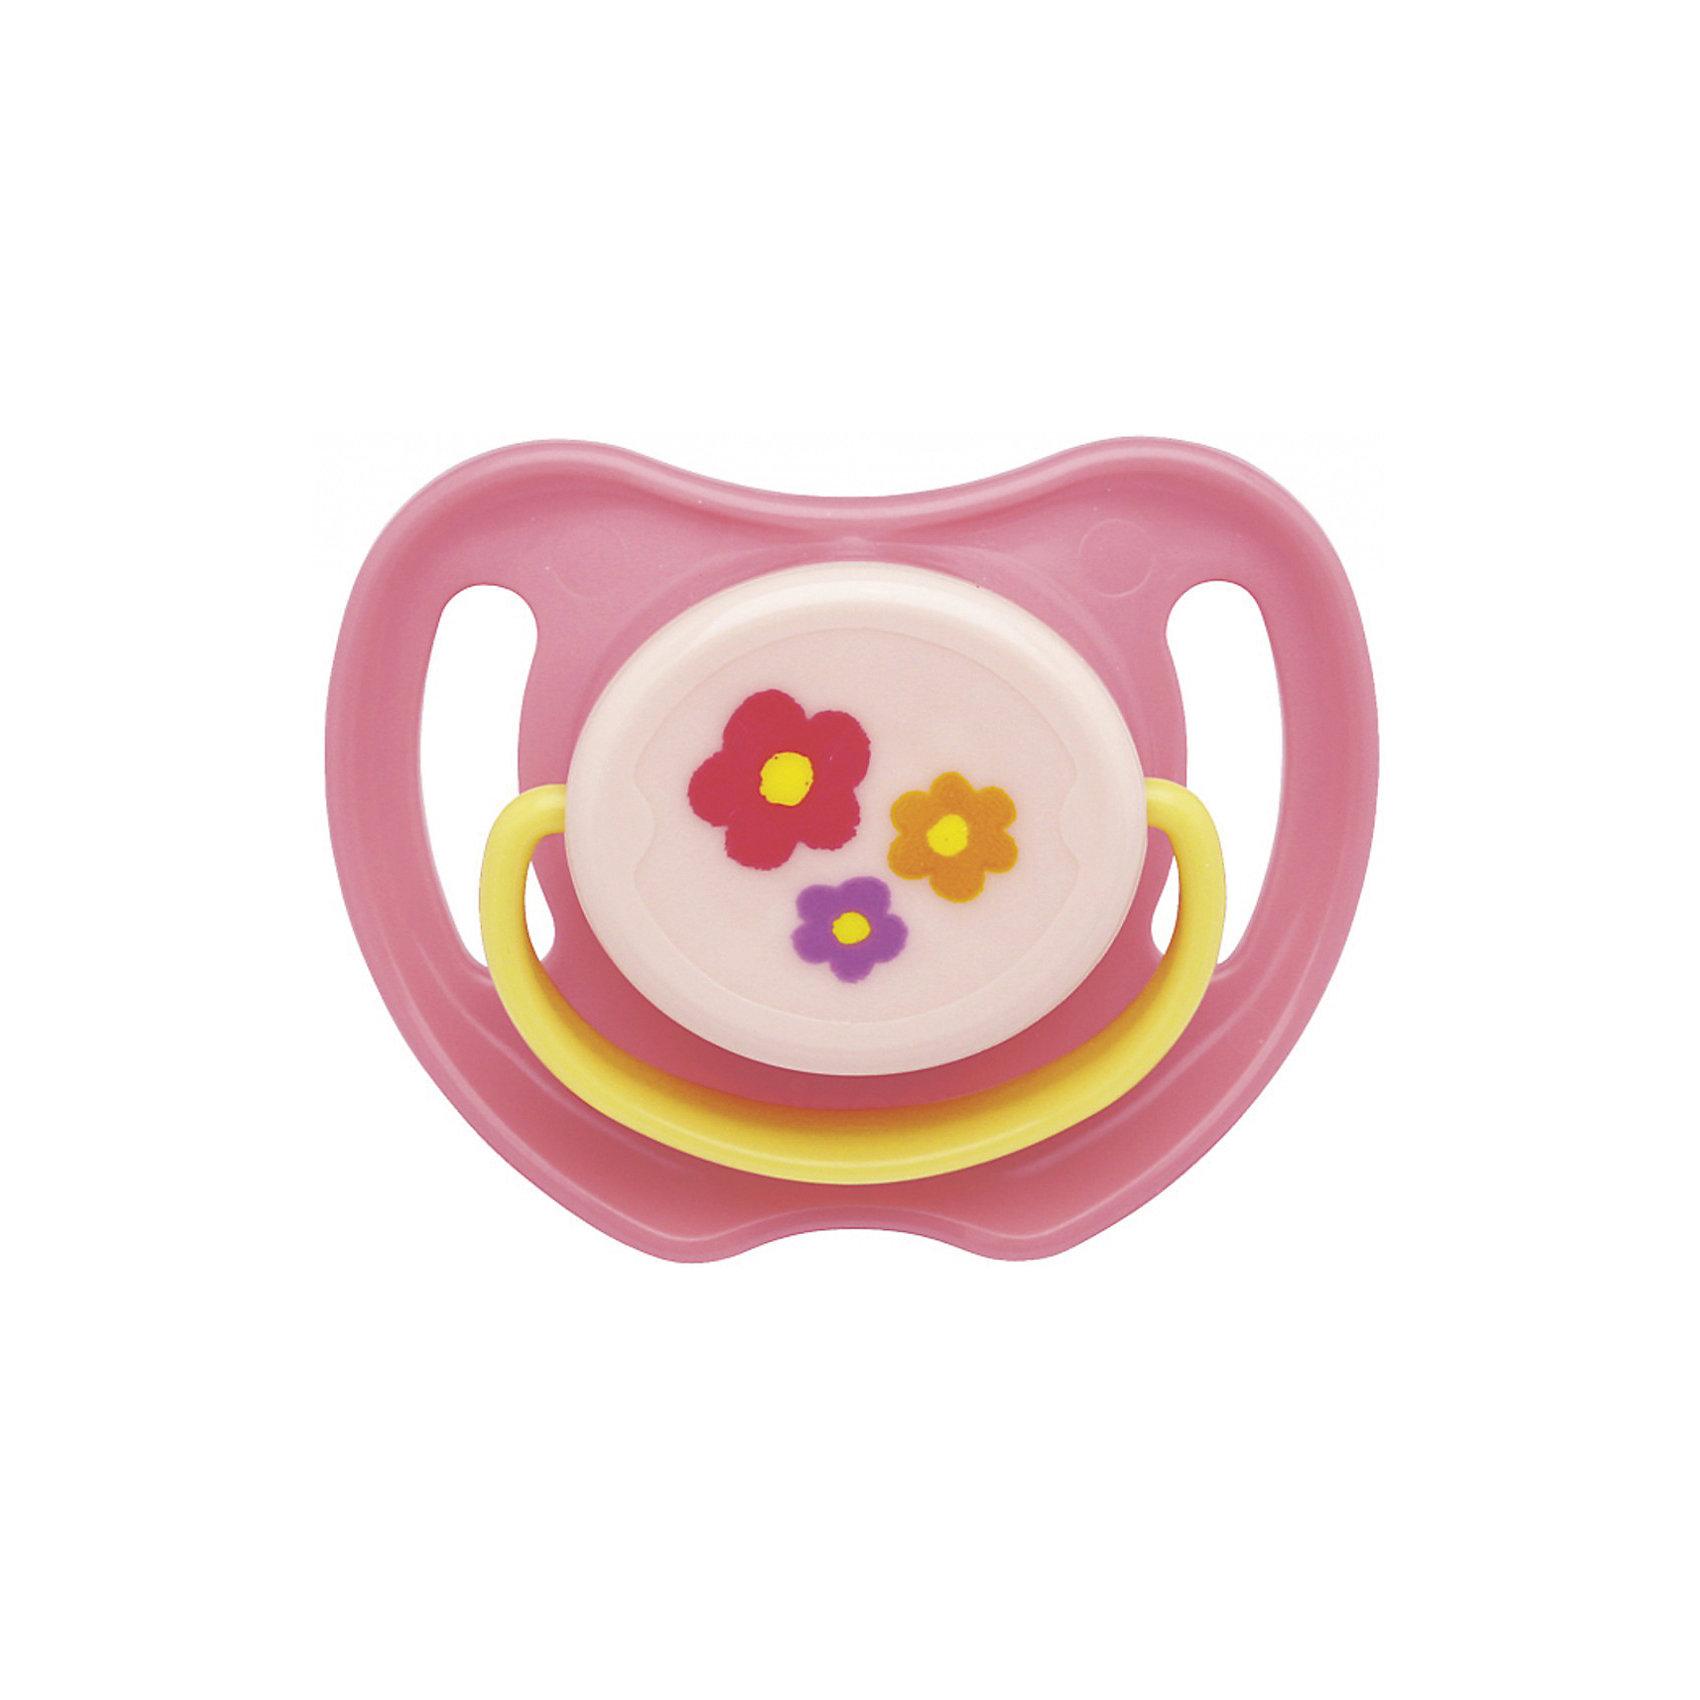 Пустышка Цветочек 6+ мес (L), PigeonПустышки и аксессуары<br>Силиконовая пустышка для малыша декорирована изображением цветочка. Соска ортодонтической формы со скошенным кончиком, анатомическая форма диска, специальные вентиляционные отверстия на пустышке улучшают циркуляцию воздуха. В комплекте идет защитный колпачок для пустышки.  <br><br>Дополнительная информация:<br><br>Размер: 6+ мес (L)<br>Материал: полипропилен, силикон<br><br>Пустышку Цветочек 6+ мес (L), Pigeon можно купить в нашем интернет-магазине.<br><br>Ширина мм: 300<br>Глубина мм: 100<br>Высота мм: 50<br>Вес г: 100<br>Возраст от месяцев: 6<br>Возраст до месяцев: 2147483647<br>Пол: Унисекс<br>Возраст: Детский<br>SKU: 5008353